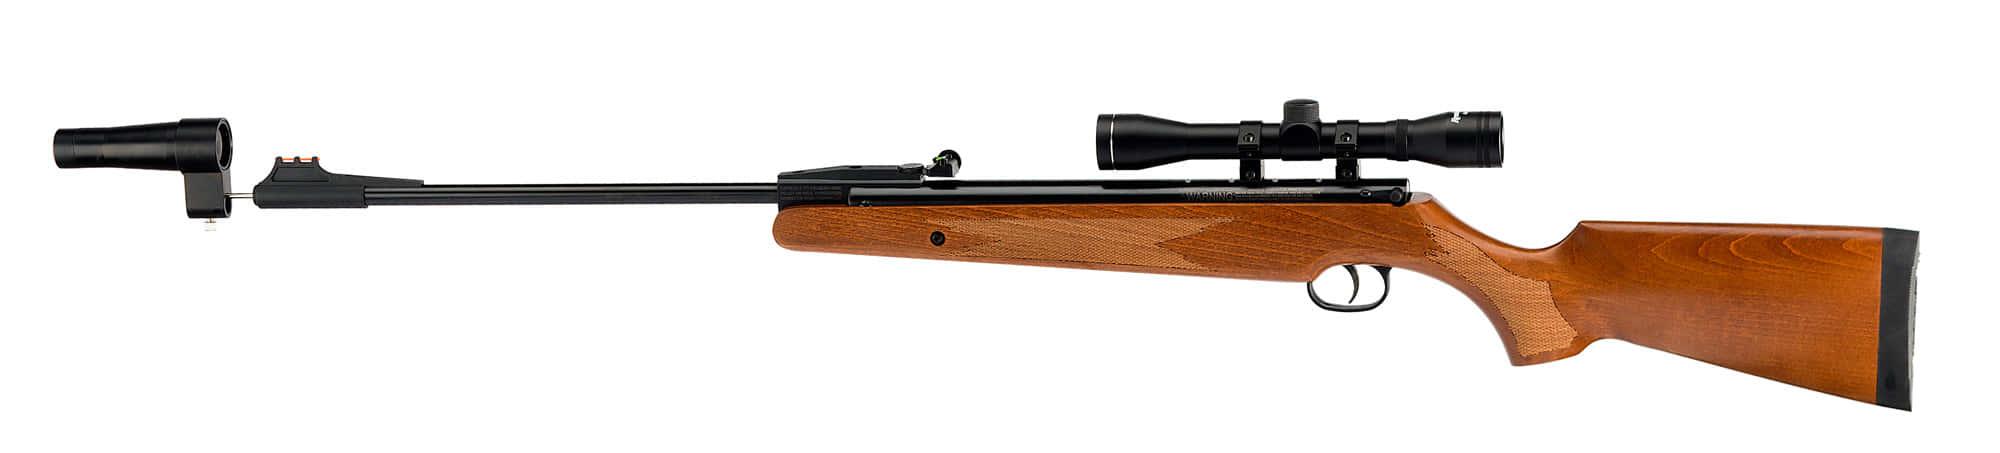 OP701-2-Collimateur de réglage tous calibres. b73013a93257